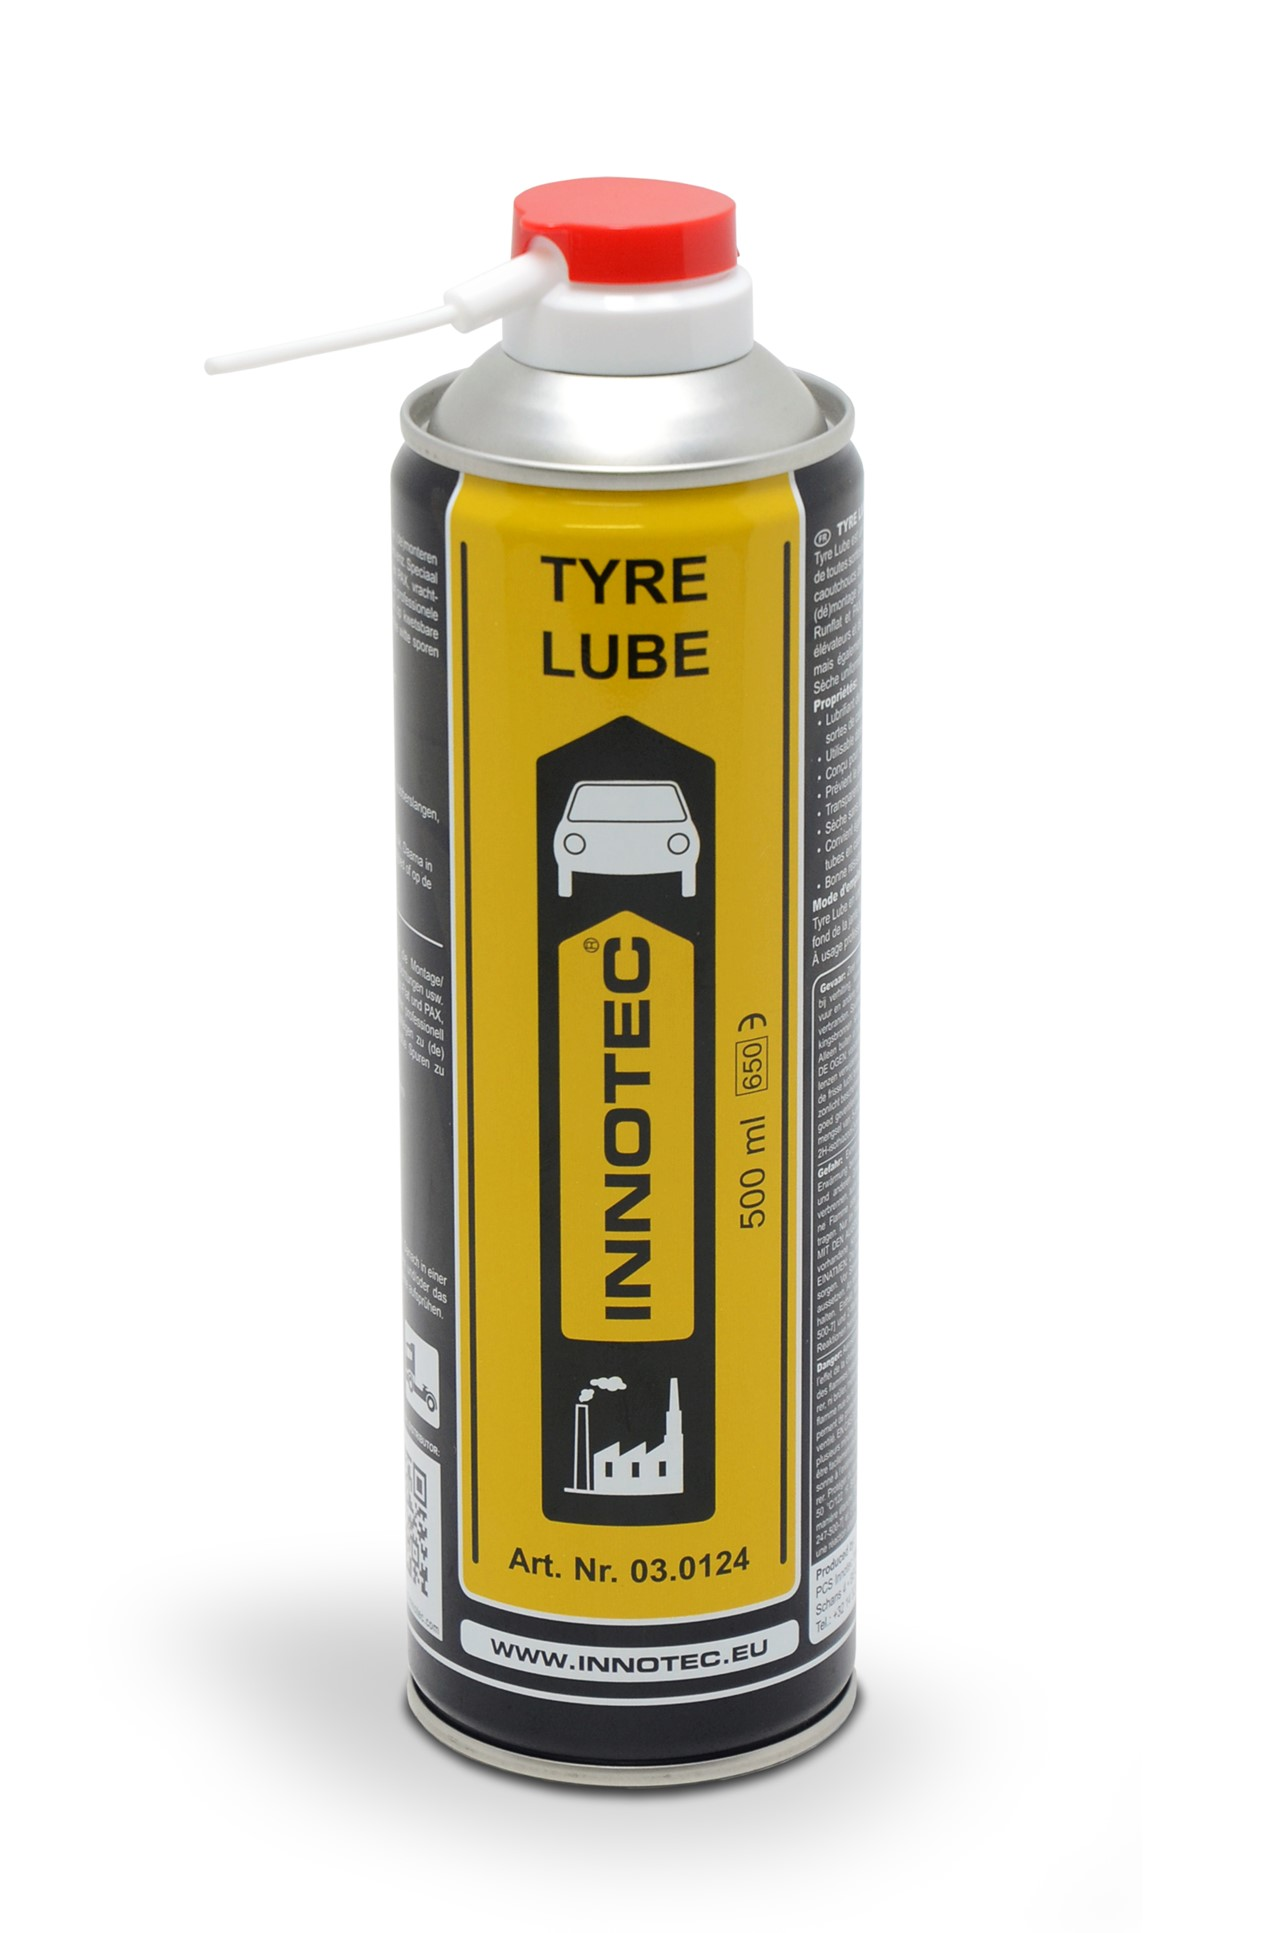 Tyre Lube.jpg